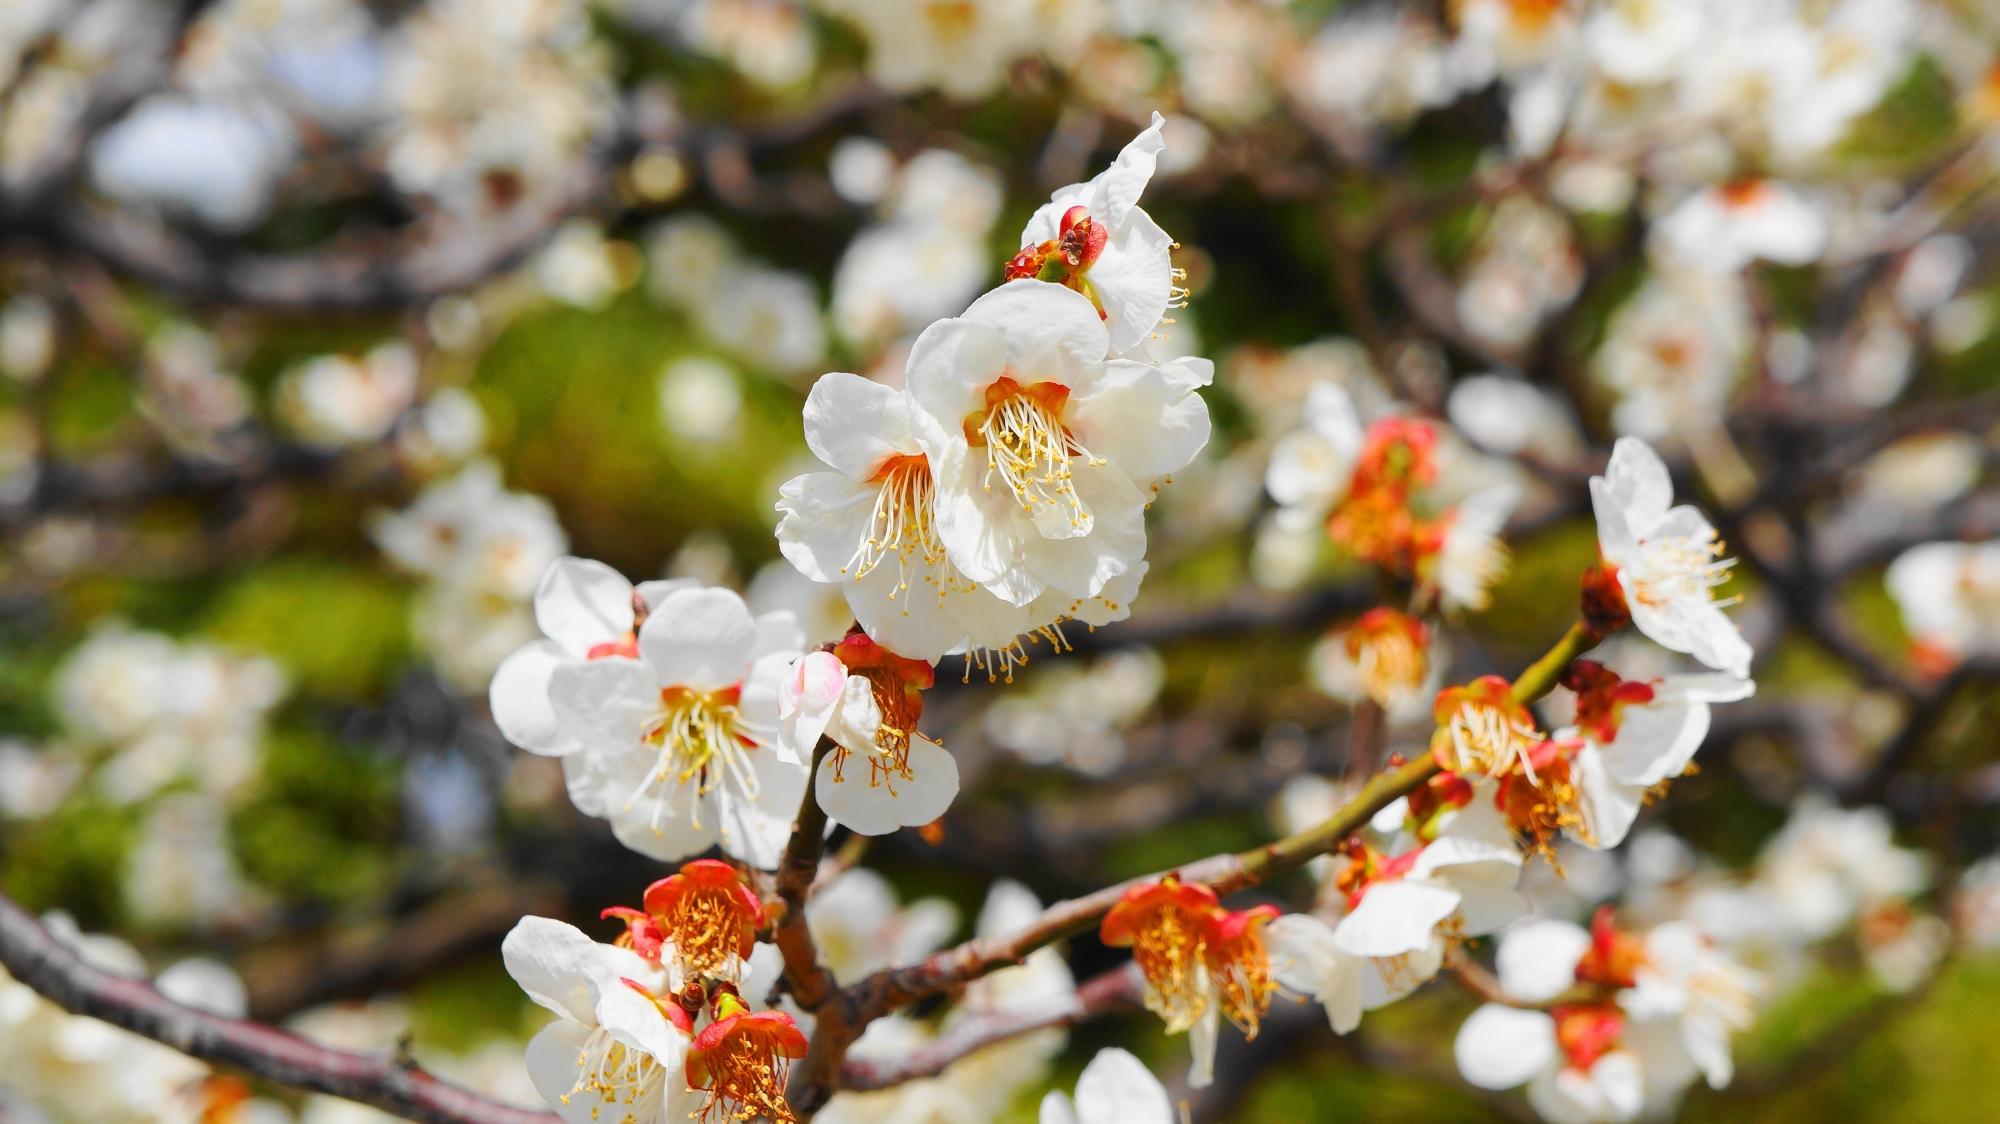 愛らしい花をたくさん咲かせる智積院の梅